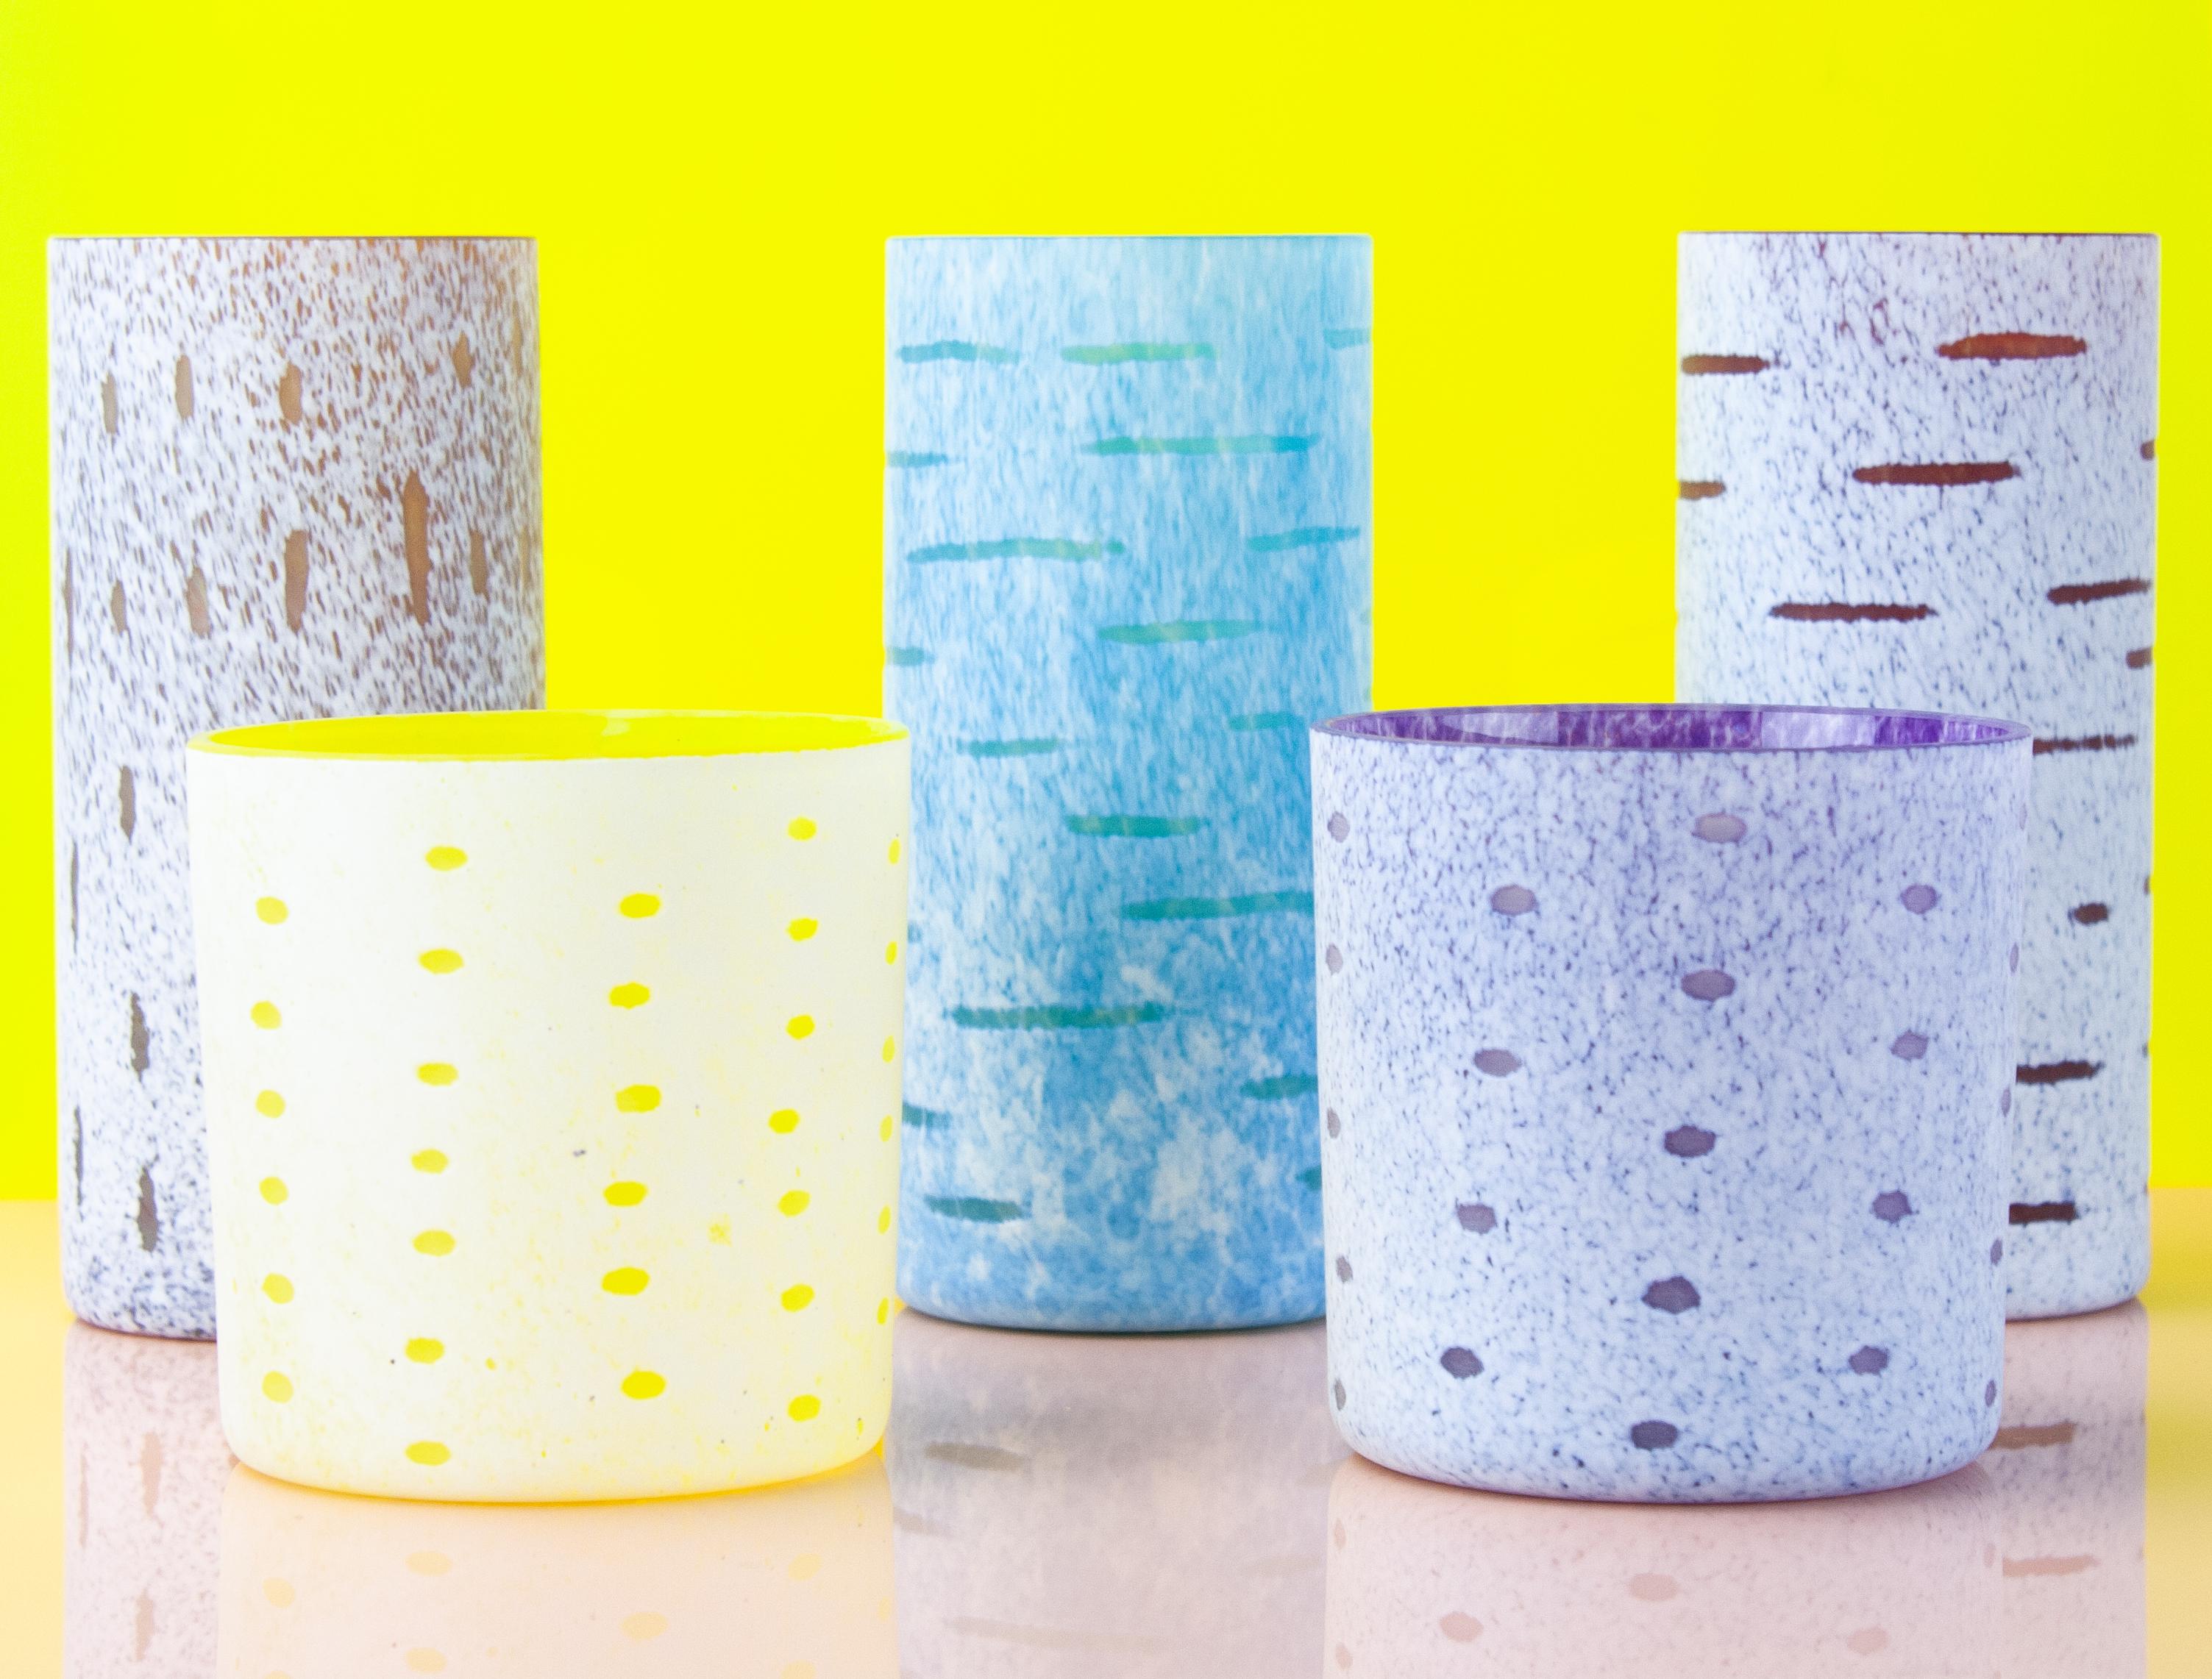 五个色彩鲜艳的玻璃杯子,两个小的,两个高的,前面是明黄色的背景.